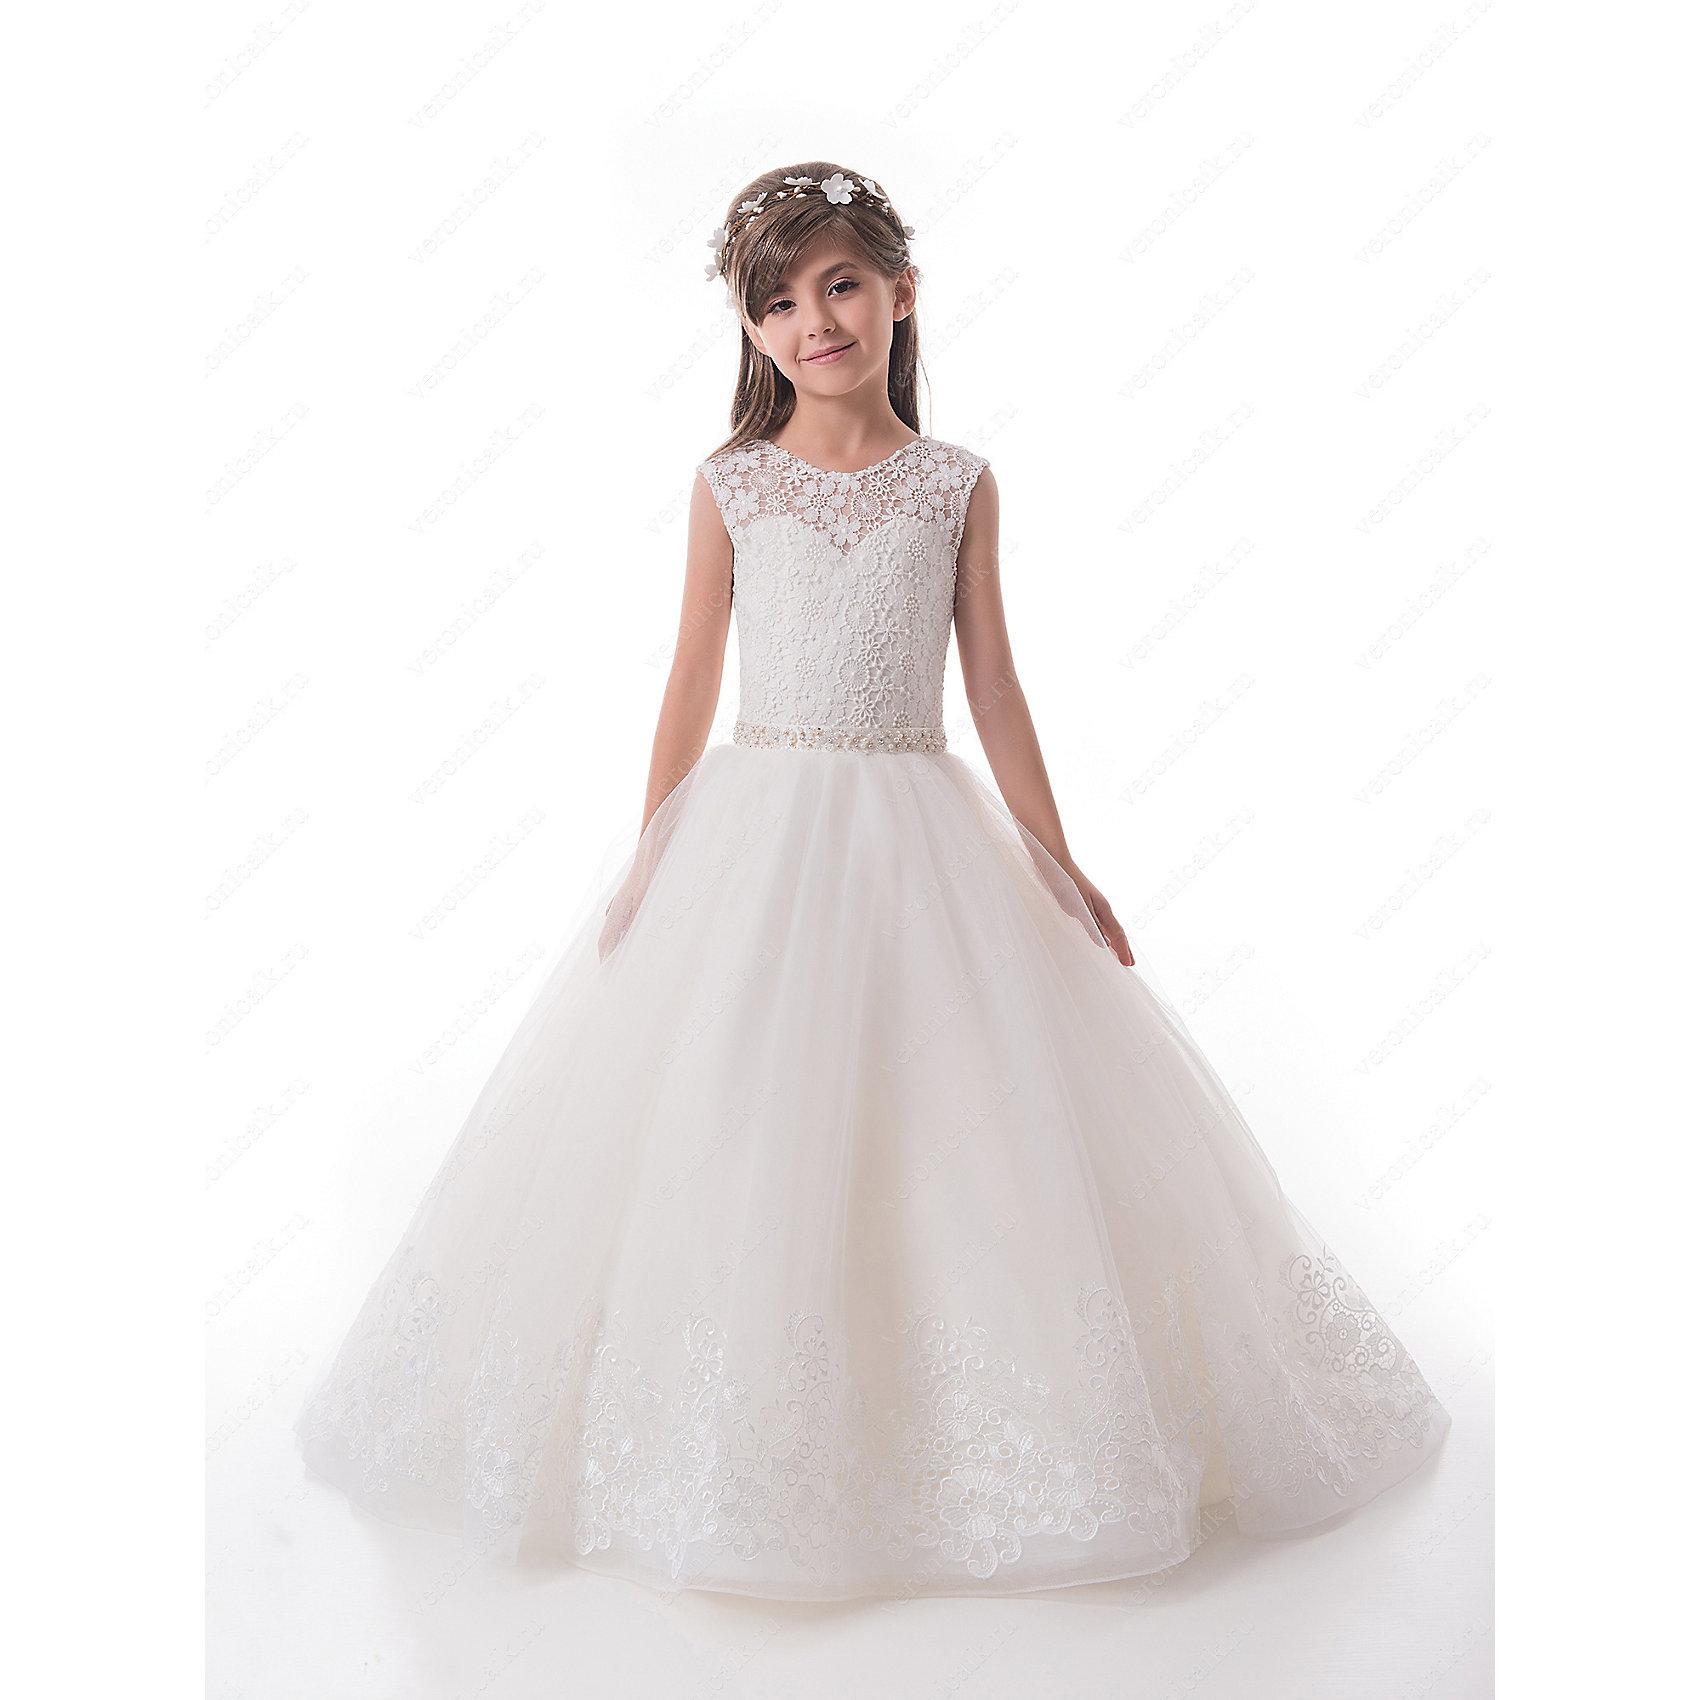 Платье нарядное для девочки ПрестижОдежда<br>Характеристики:<br><br>• Вид детской и подростковой одежды: платье<br>• Предназначение: праздничная<br>• Платье подходит для занятий бальными танцами.<br>• Коллекция: Trinity bride<br>• Сезон: круглый год<br>• Тематика рисунка: цветы<br>• Цвет: молочный, белый<br>• Материал: 100% полиэстер<br>• Силуэт: А-силуэт<br>• Юбка: со шлейфом<br>• Рукав: без рукава<br>• Вырез горловины: круглый<br>• Длина платья: длинное со шлейфом<br>• В комплекте предусмотрен пояс-бант<br>• Застежка: молния на спинке и шнуровка у корсета<br>• Особенности ухода: ручная стирка при температуре не более 30 градусов<br><br>Платье нарядное для девочки Престиж от отечественного производителя праздничной одежды и аксессуаров как для взрослых, так и для детей. Изделие выполнено из 100% полиэстера, который обладает легкостью, прочностью, устойчивостью к износу и пятнам. <br><br>Платье отрезное по талии, имеет классический А-силуэт и круглую горловину. Верх платья, представляющий собой корсет, имеет застежку-молнию и шнуровку на спинке, что обеспечивает хорошую посадку платья по фигуре. Классический стиль платья дополнен эффектными деталями и декором. Кружевной верх и вышитый цветочный орнамент по подолу и шлейфу пышной юбки, придают изделию особую изысканность и очарование. Пояс-бант, расшитый спереди стразами создает эффект мягкого мерцания и законченность торжественного образа. <br><br>Платье нарядное для девочки Престиж – это неповторимый стиль вашей девочки на любом торжестве!<br><br>Платье нарядное для девочки Престиж можно купить в нашем интернет-магазине.<br><br>Ширина мм: 236<br>Глубина мм: 16<br>Высота мм: 184<br>Вес г: 177<br>Цвет: молочный<br>Возраст от месяцев: 72<br>Возраст до месяцев: 84<br>Пол: Женский<br>Возраст: Детский<br>Размер: 122,128,116<br>SKU: 5387741